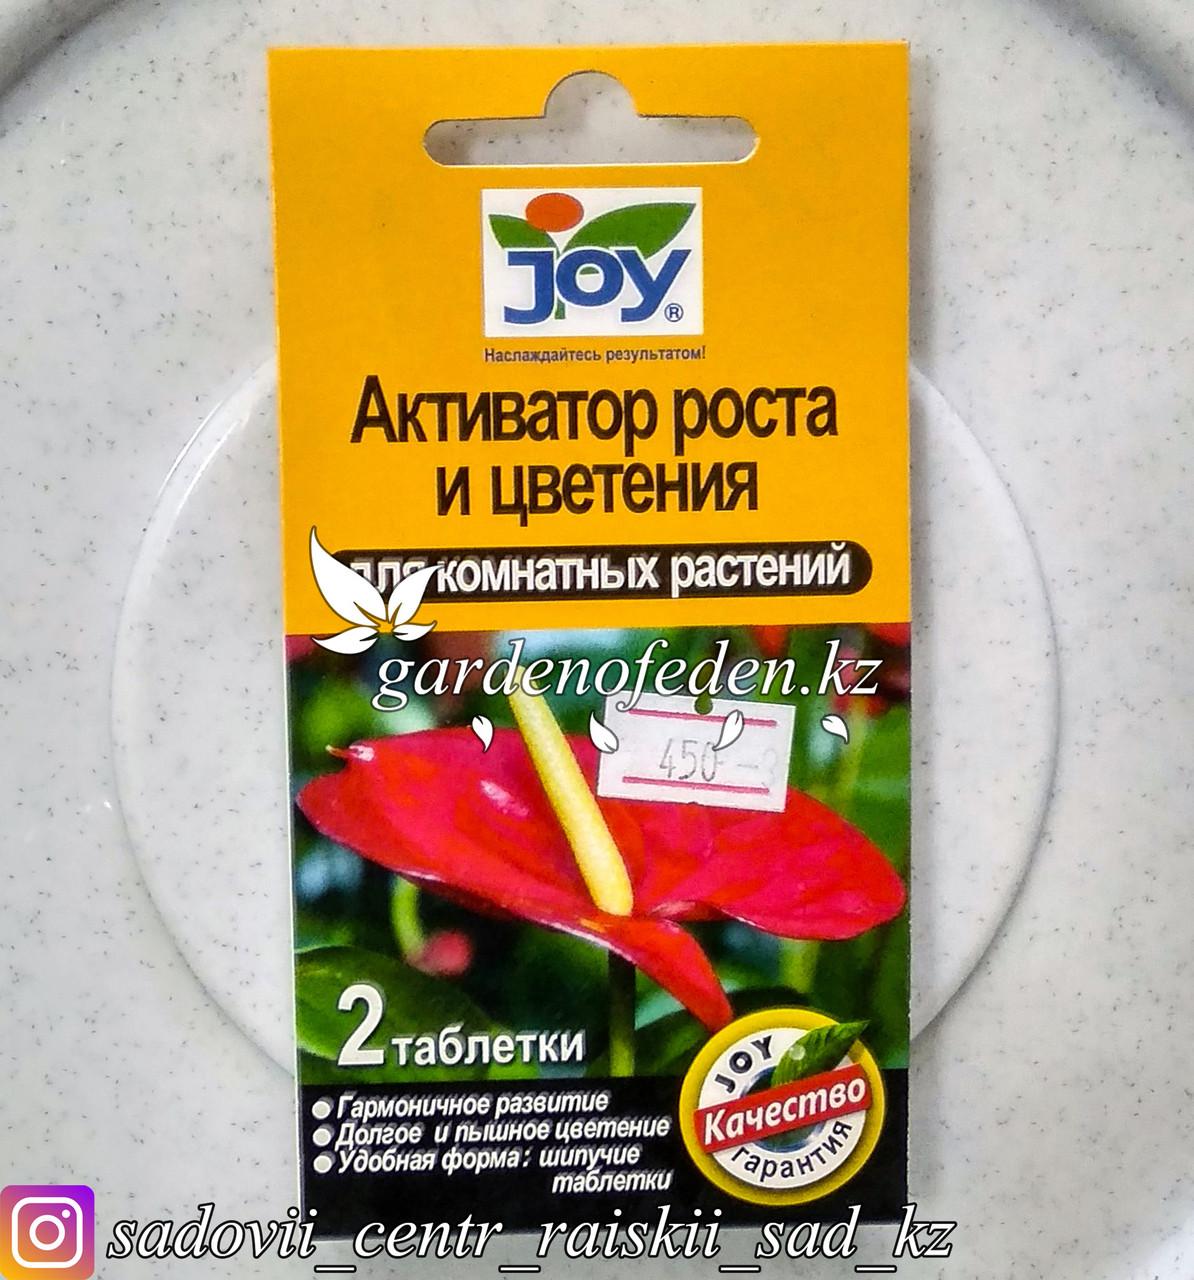 Активатор роста и цветения для комнатных растений JOY, 2 таблетки.